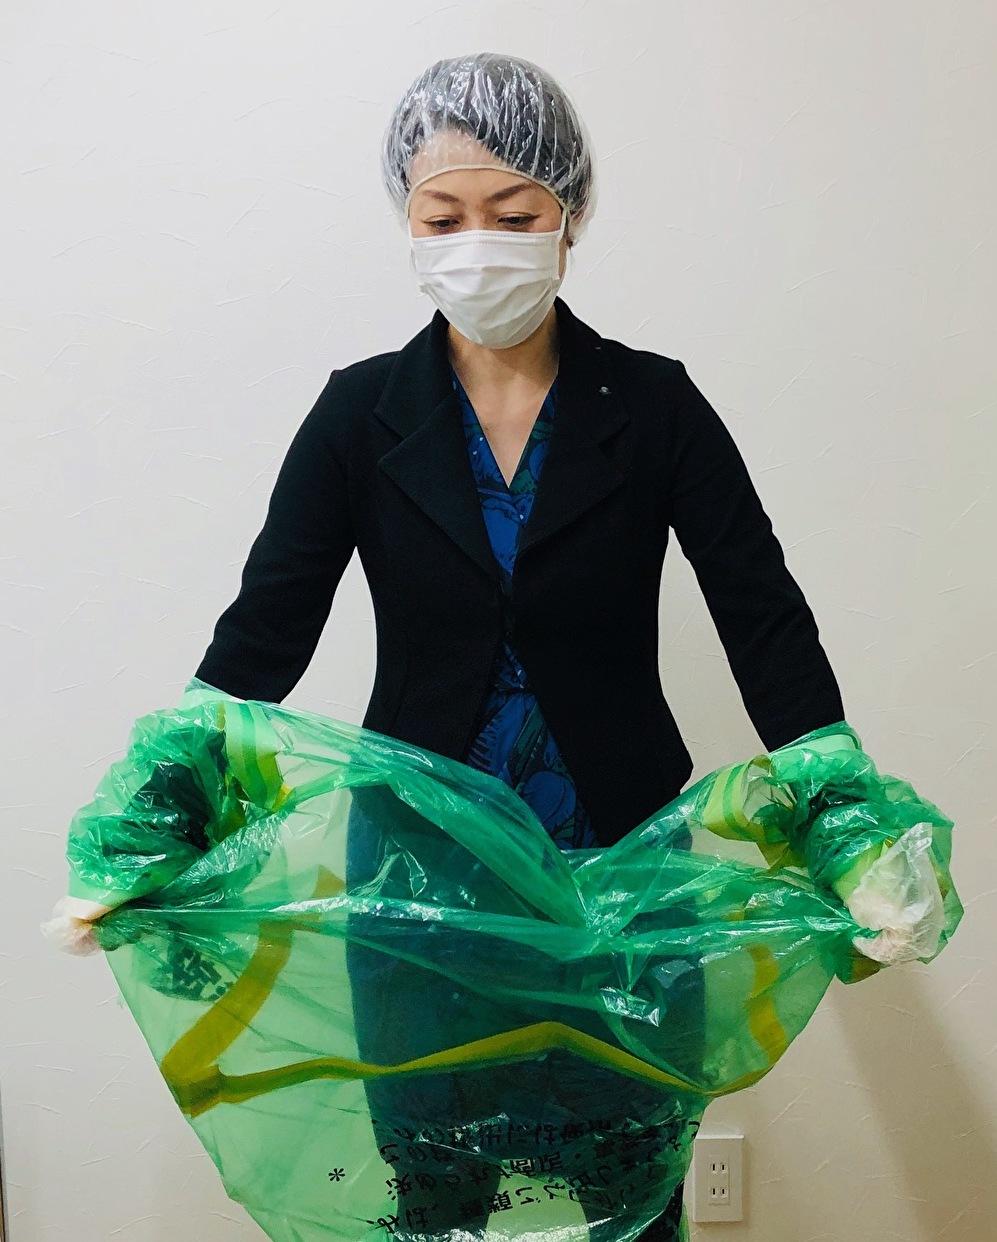 ゴミ 袋 で 防護 服